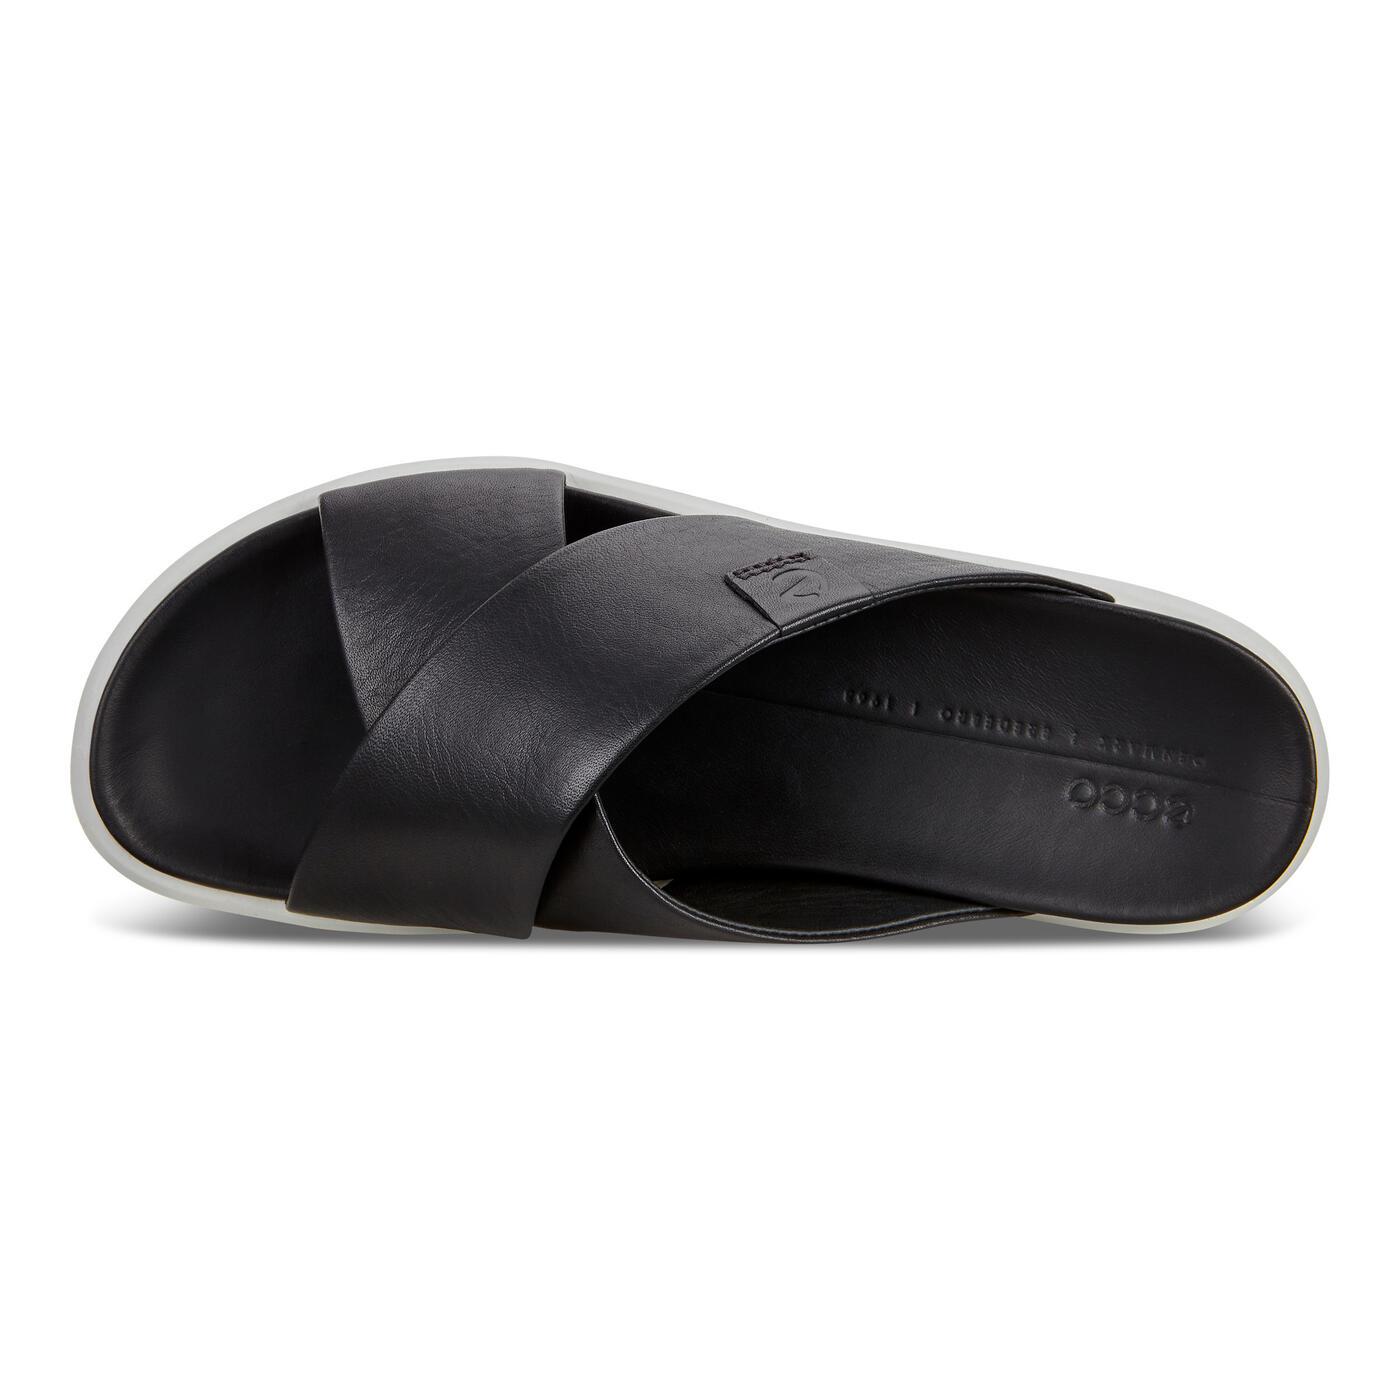 Sandale à enfiler ECCO Flowt LX Slide pour femmes